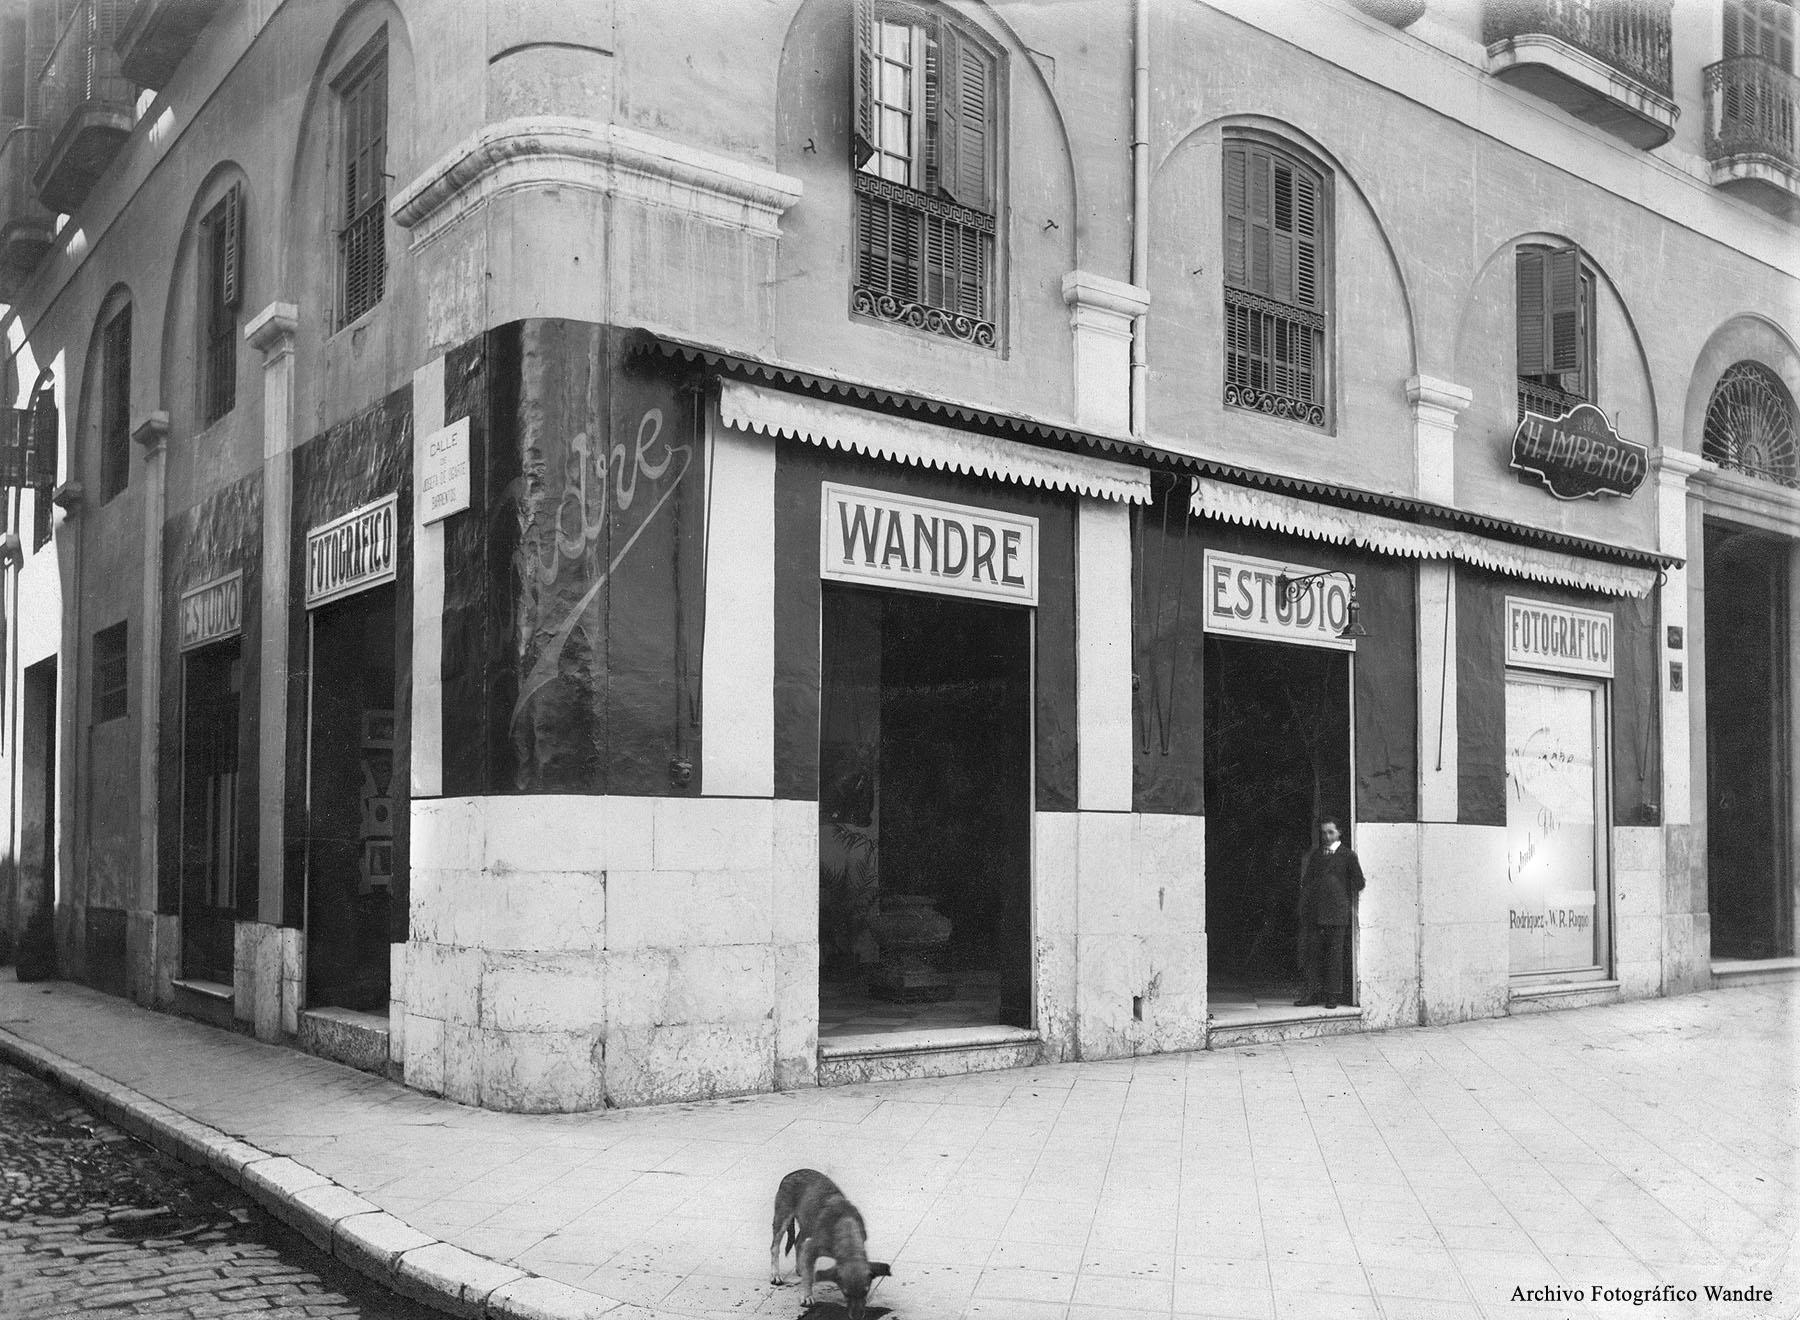 Estudio Fotográfico Wandre. Puerta del Mar, esquina calle Panaderos, Málaga. Archivo Fotográfico Wandre.